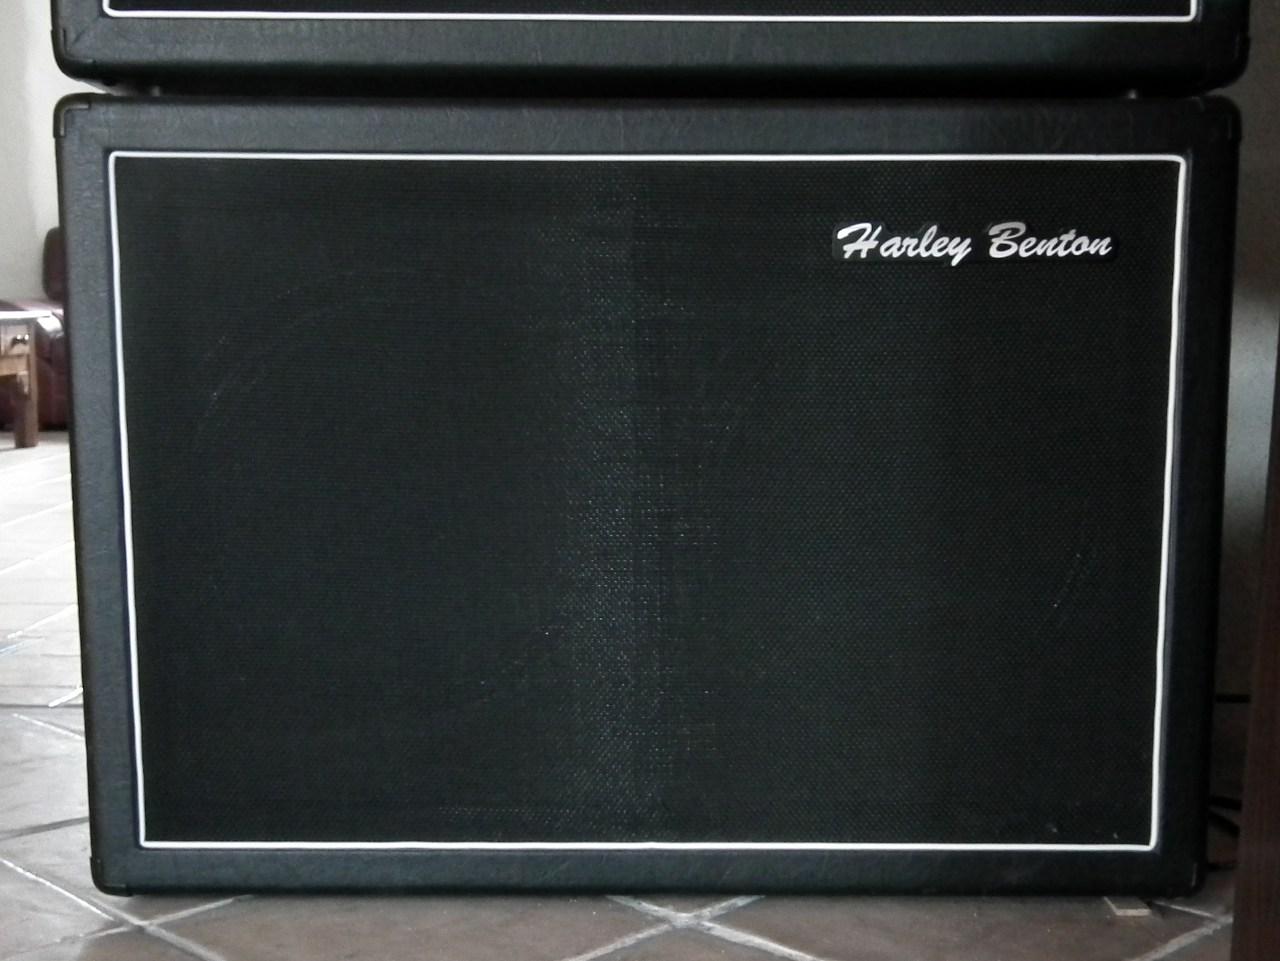 harley benton g212 vintage image 192566 audiofanzine. Black Bedroom Furniture Sets. Home Design Ideas